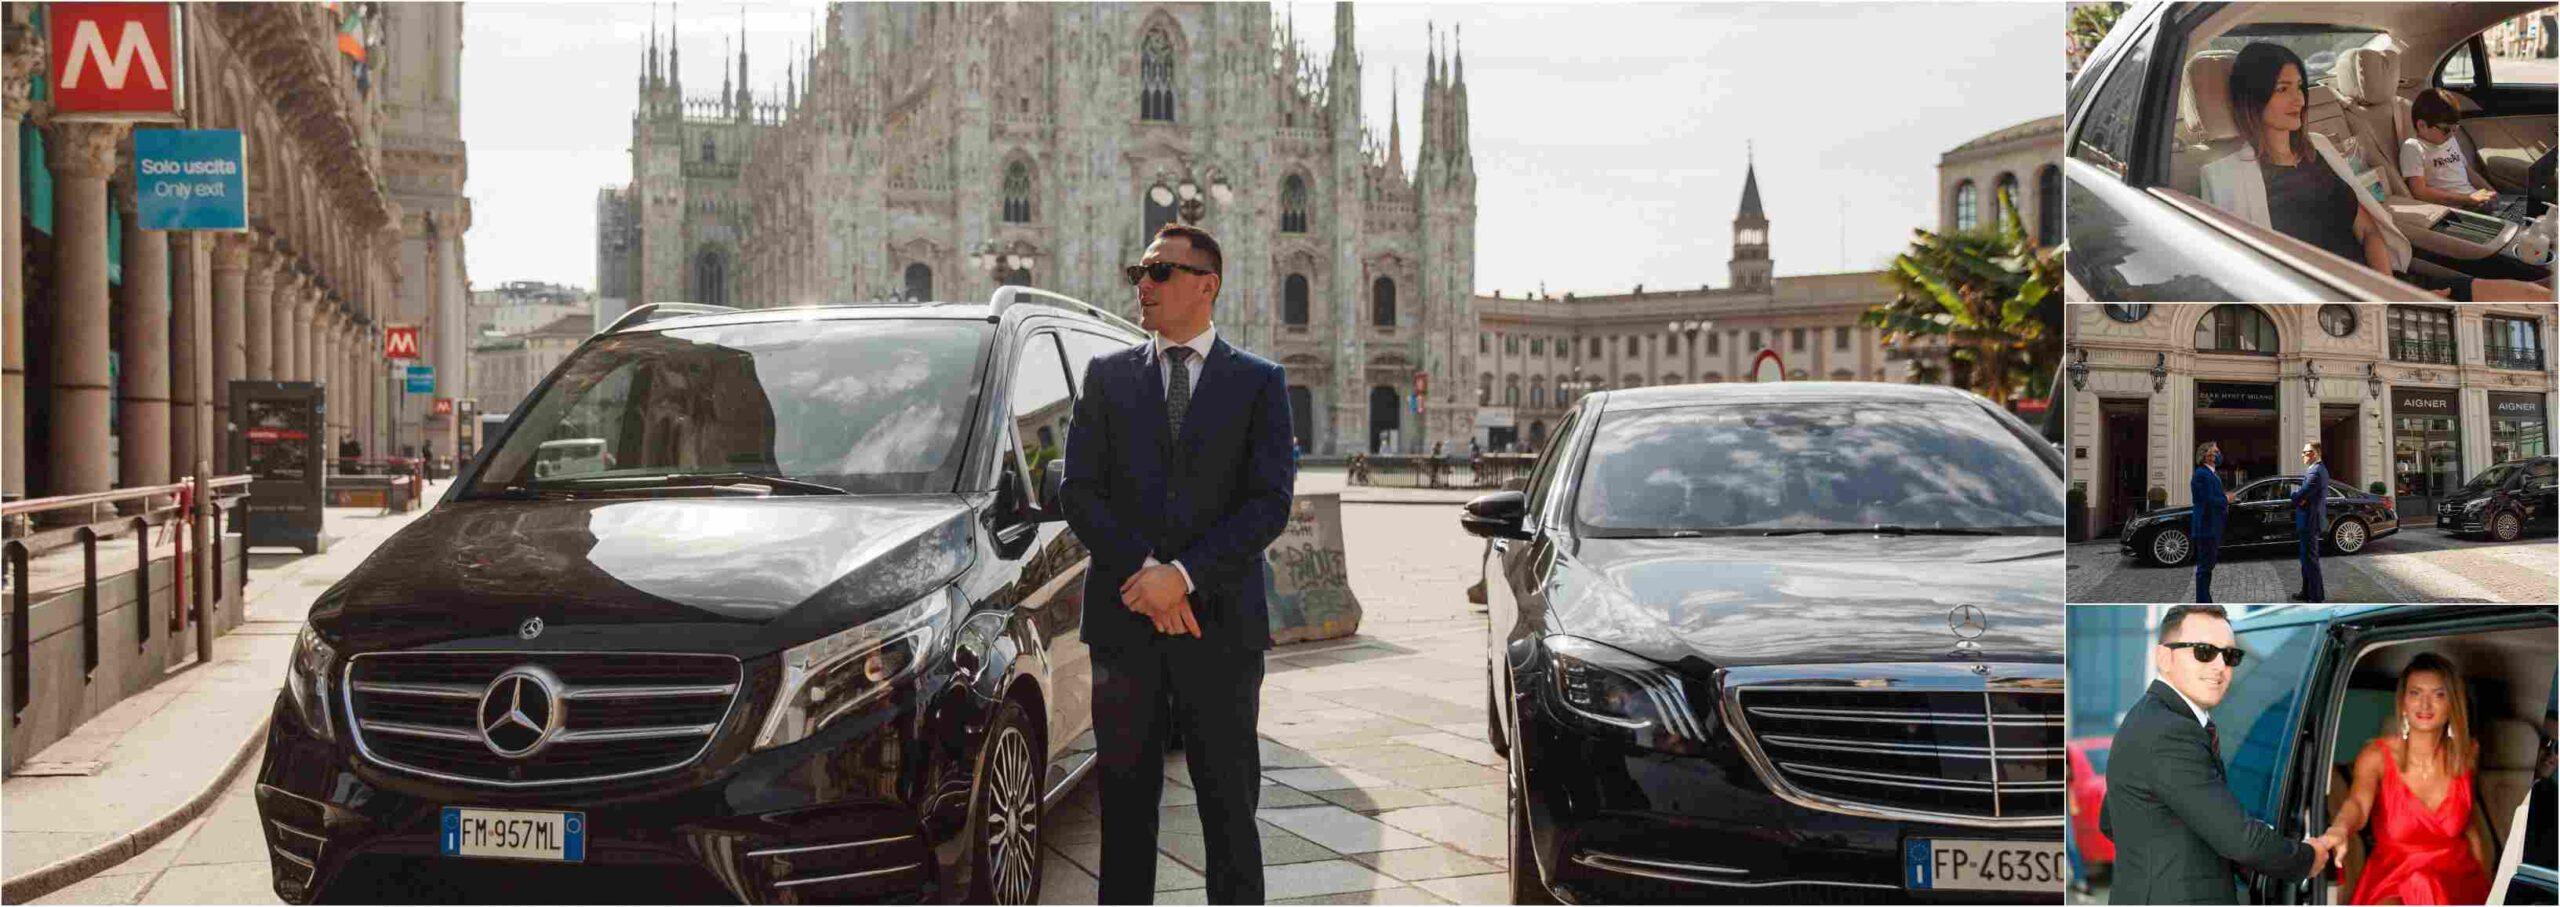 Milan Airport Transfer 2